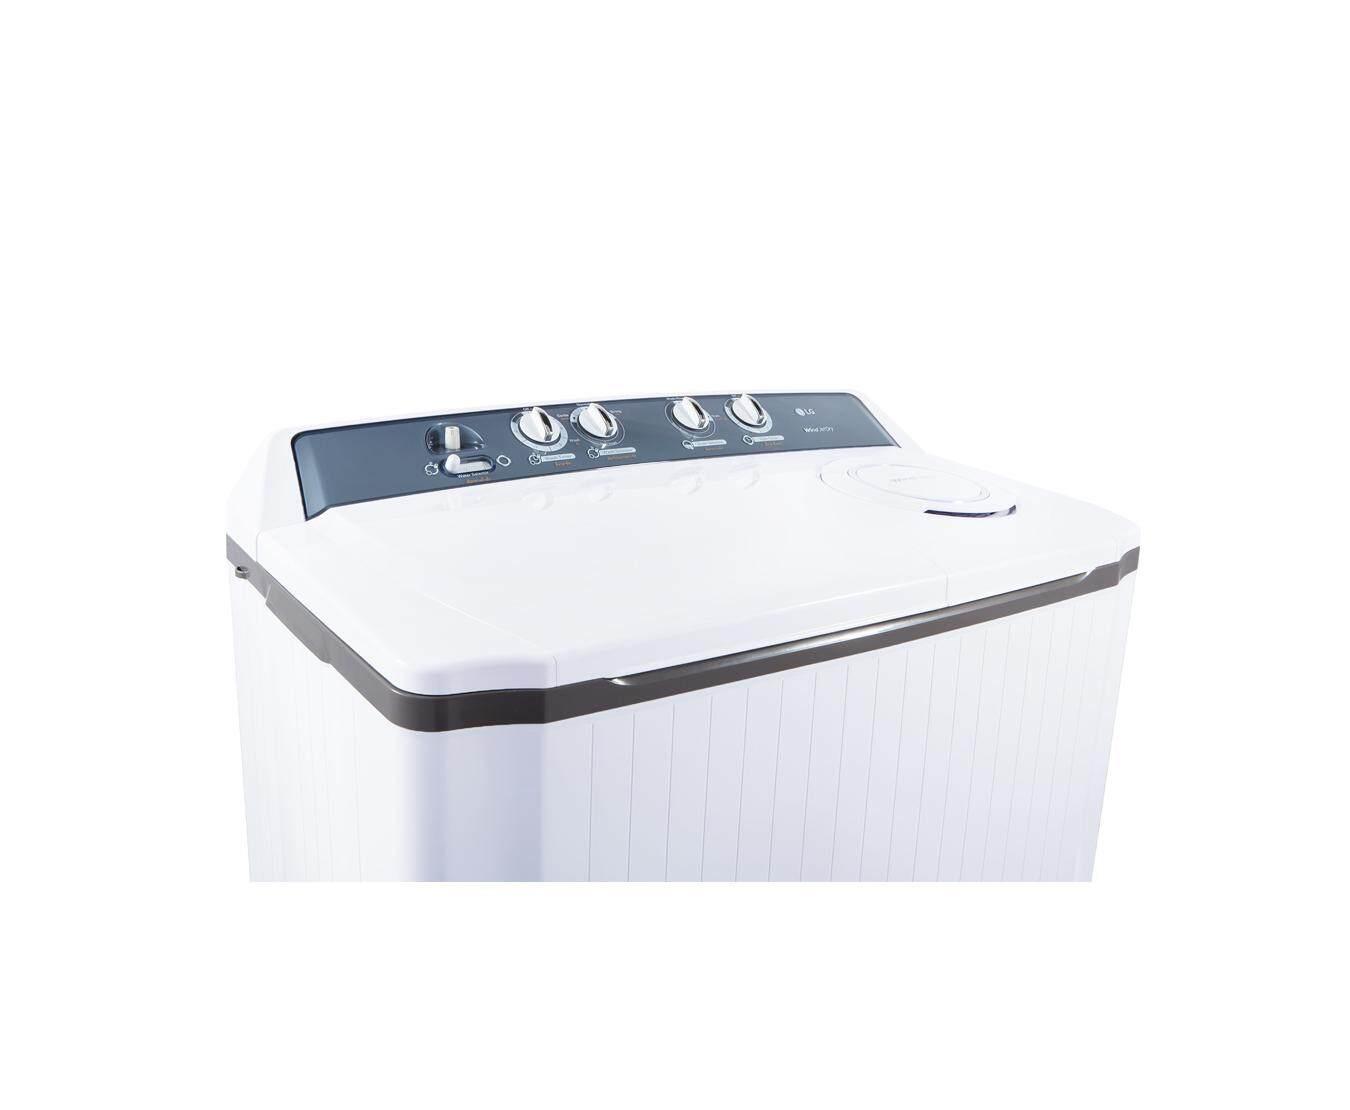 ใครเคยใช้ เครื่องซักผ้า LG-Smart Watch ลดโปรโมชั่น -17% LG เครื่องซักผ้า ระบบ Smart Inverter 16 กก. รุ่น T2516VS2M มีประกินสินค้า